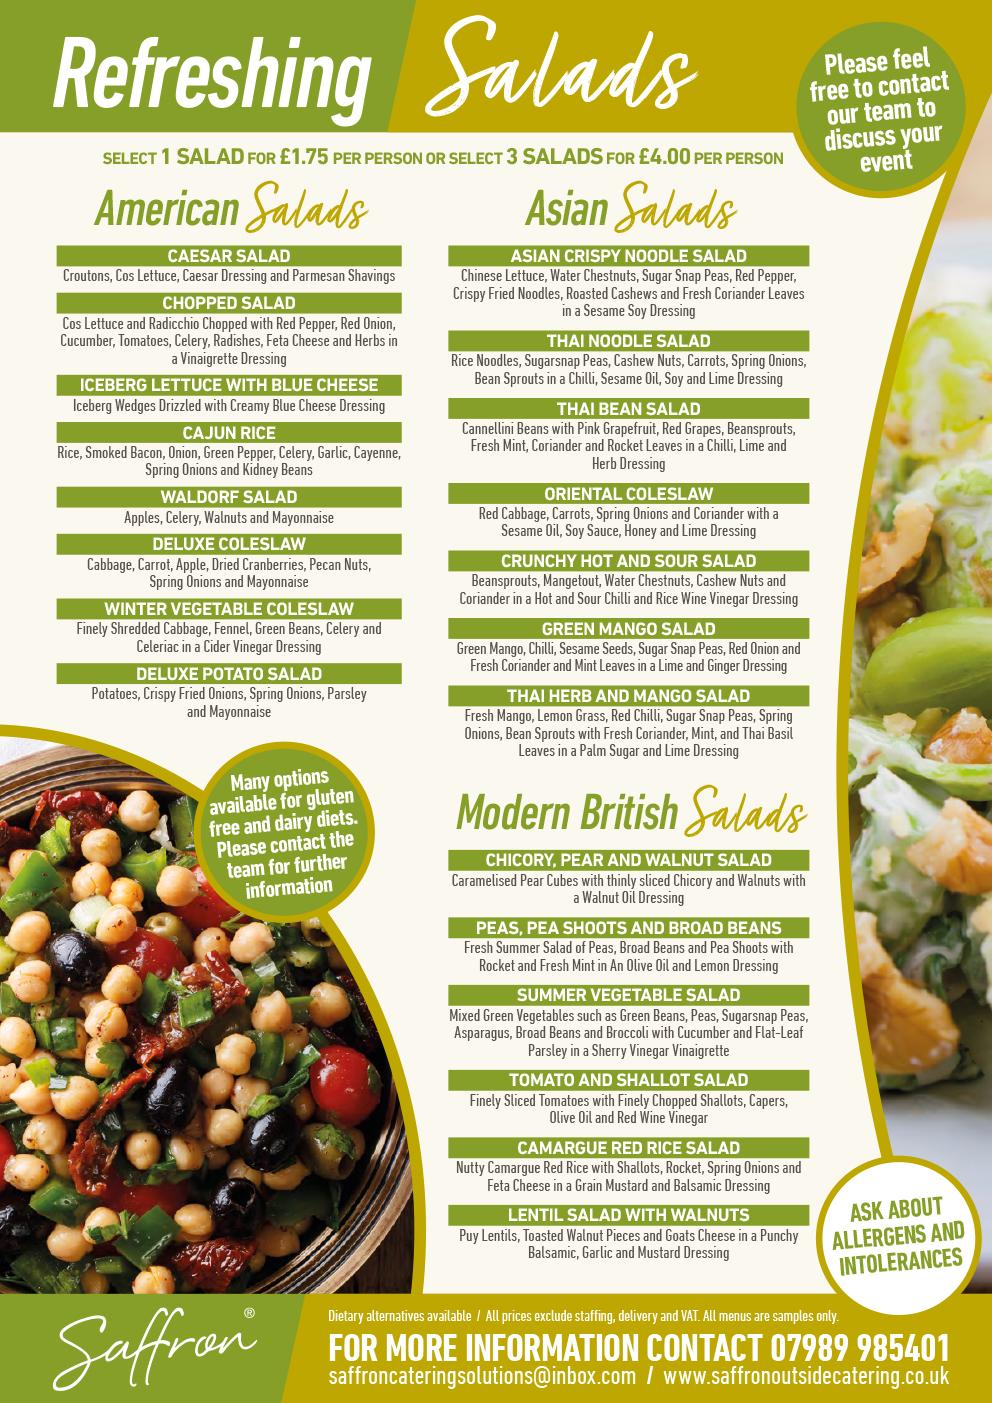 Saffron Menu Salads 2 - Salads Menu